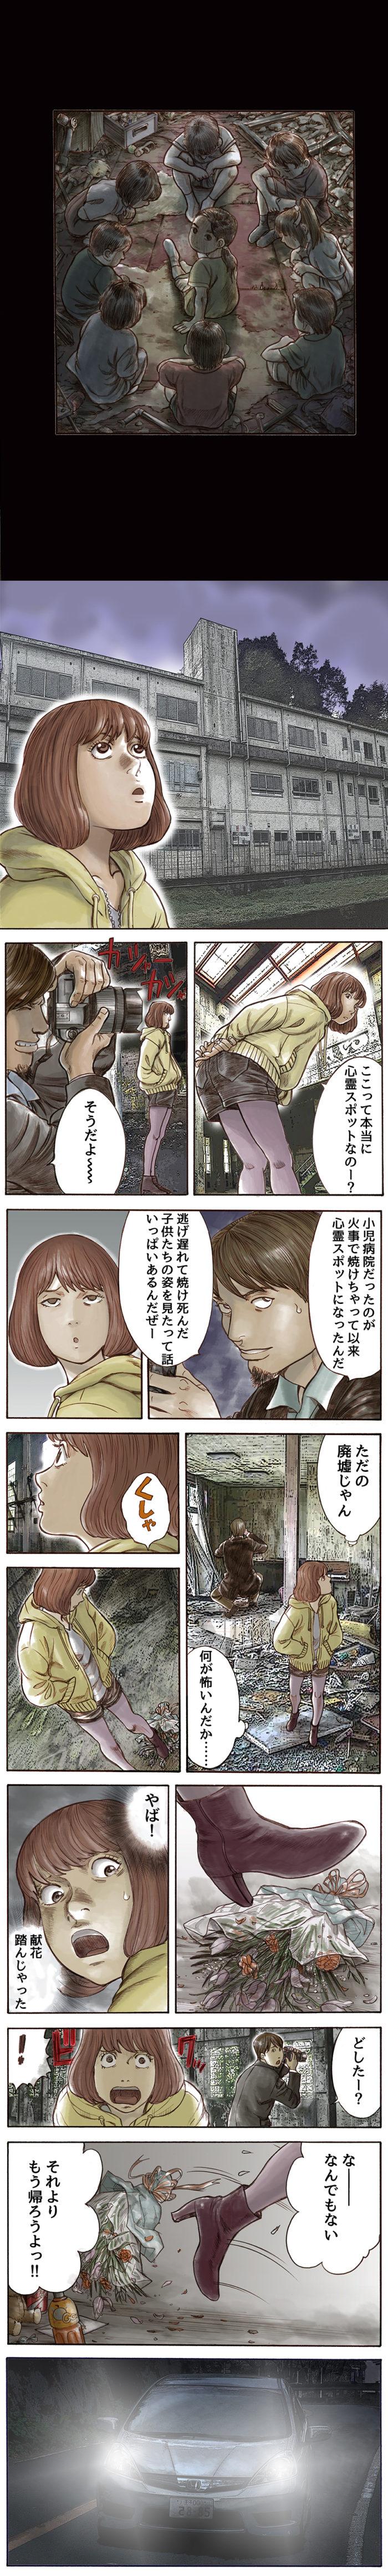 yoruno011